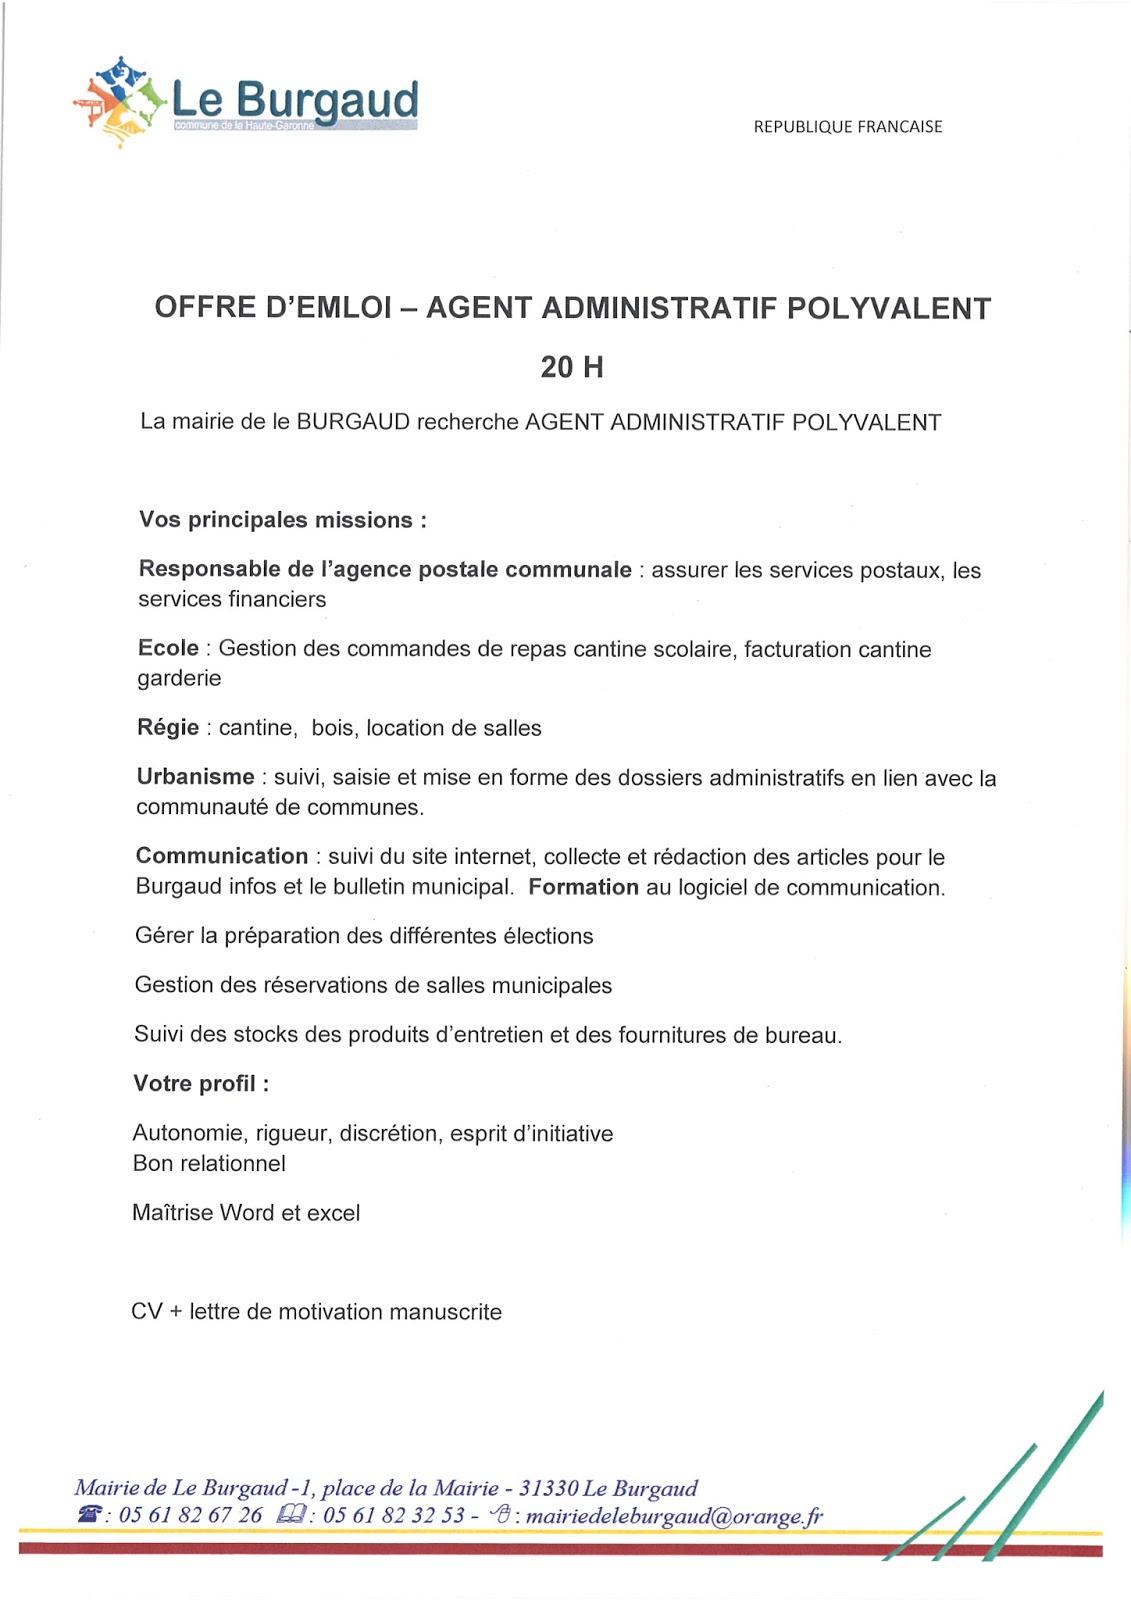 lettre de motivation pour mairie agent administratif